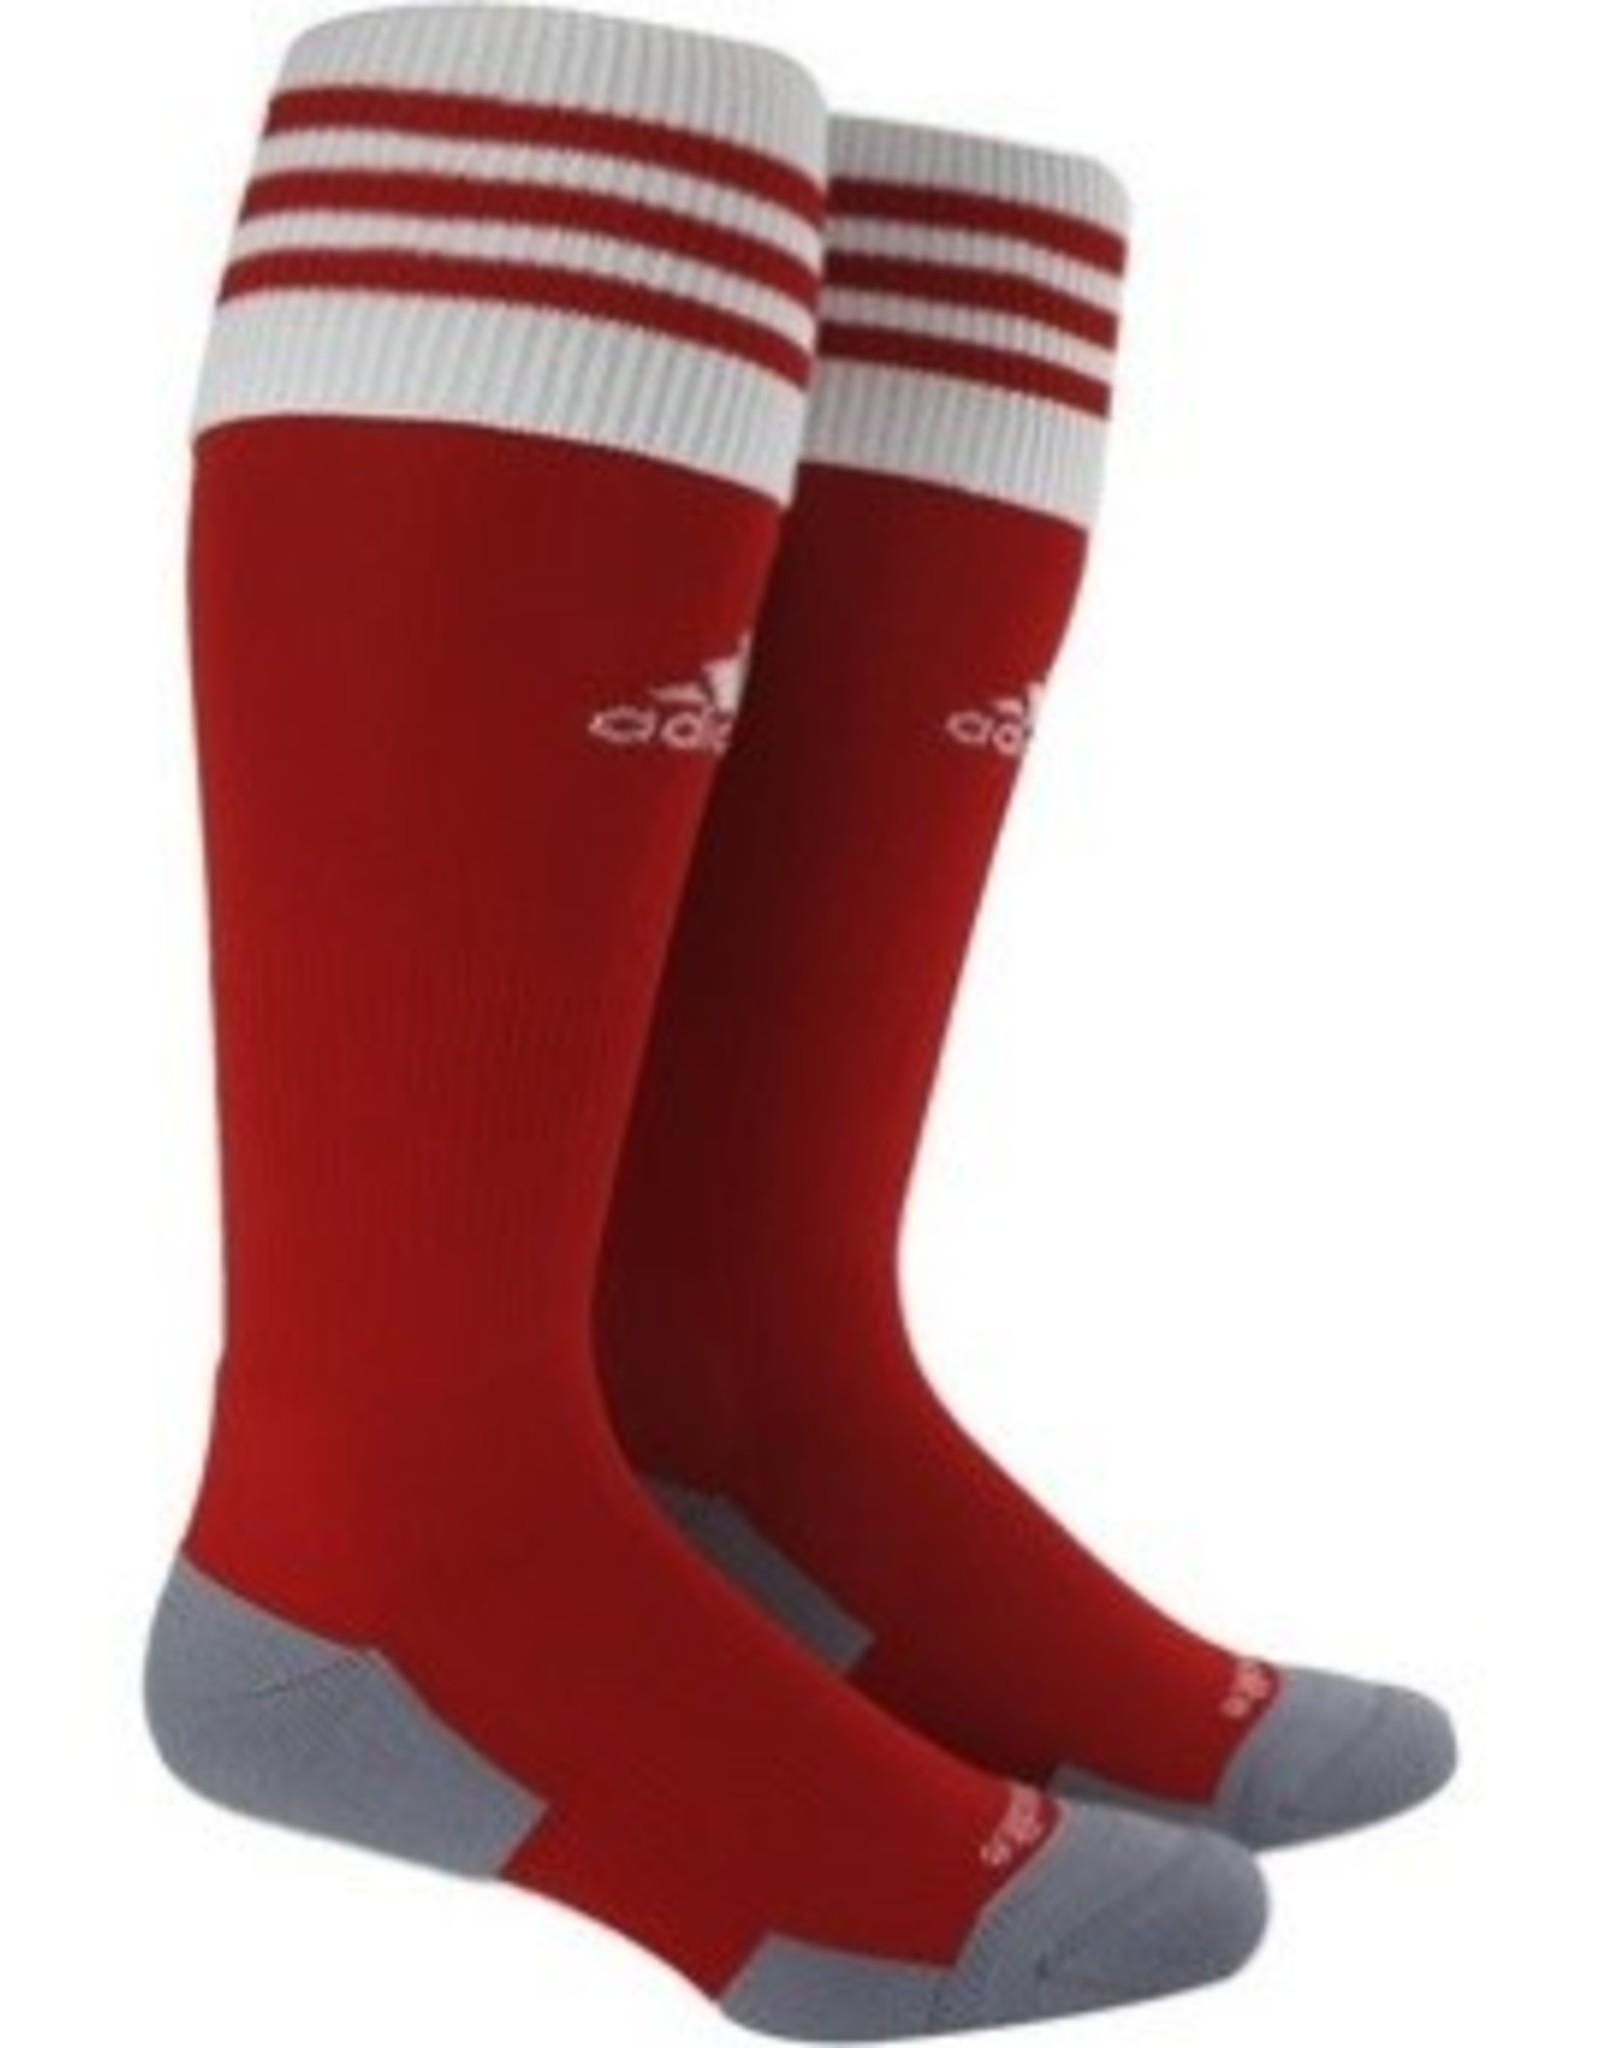 Adidas Adidas Copa Zone 11 Socks Red w/white 7.8.5 Size